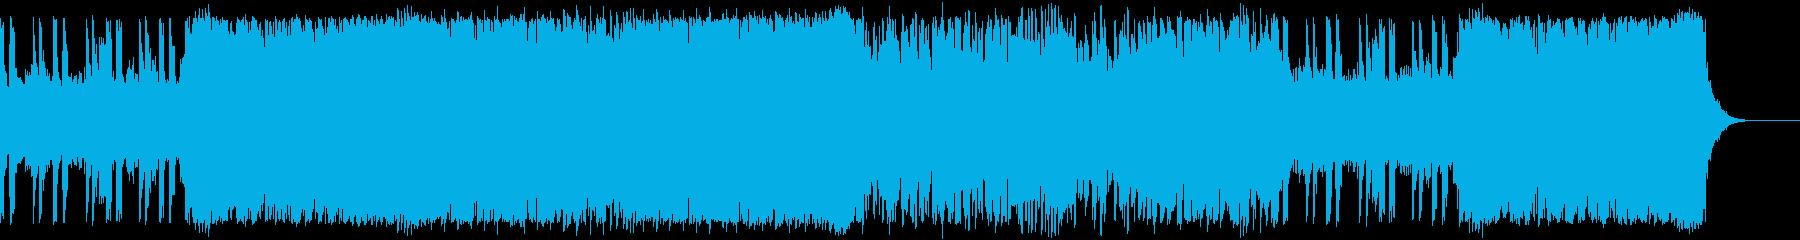 スピード感のあるロックBGMの再生済みの波形